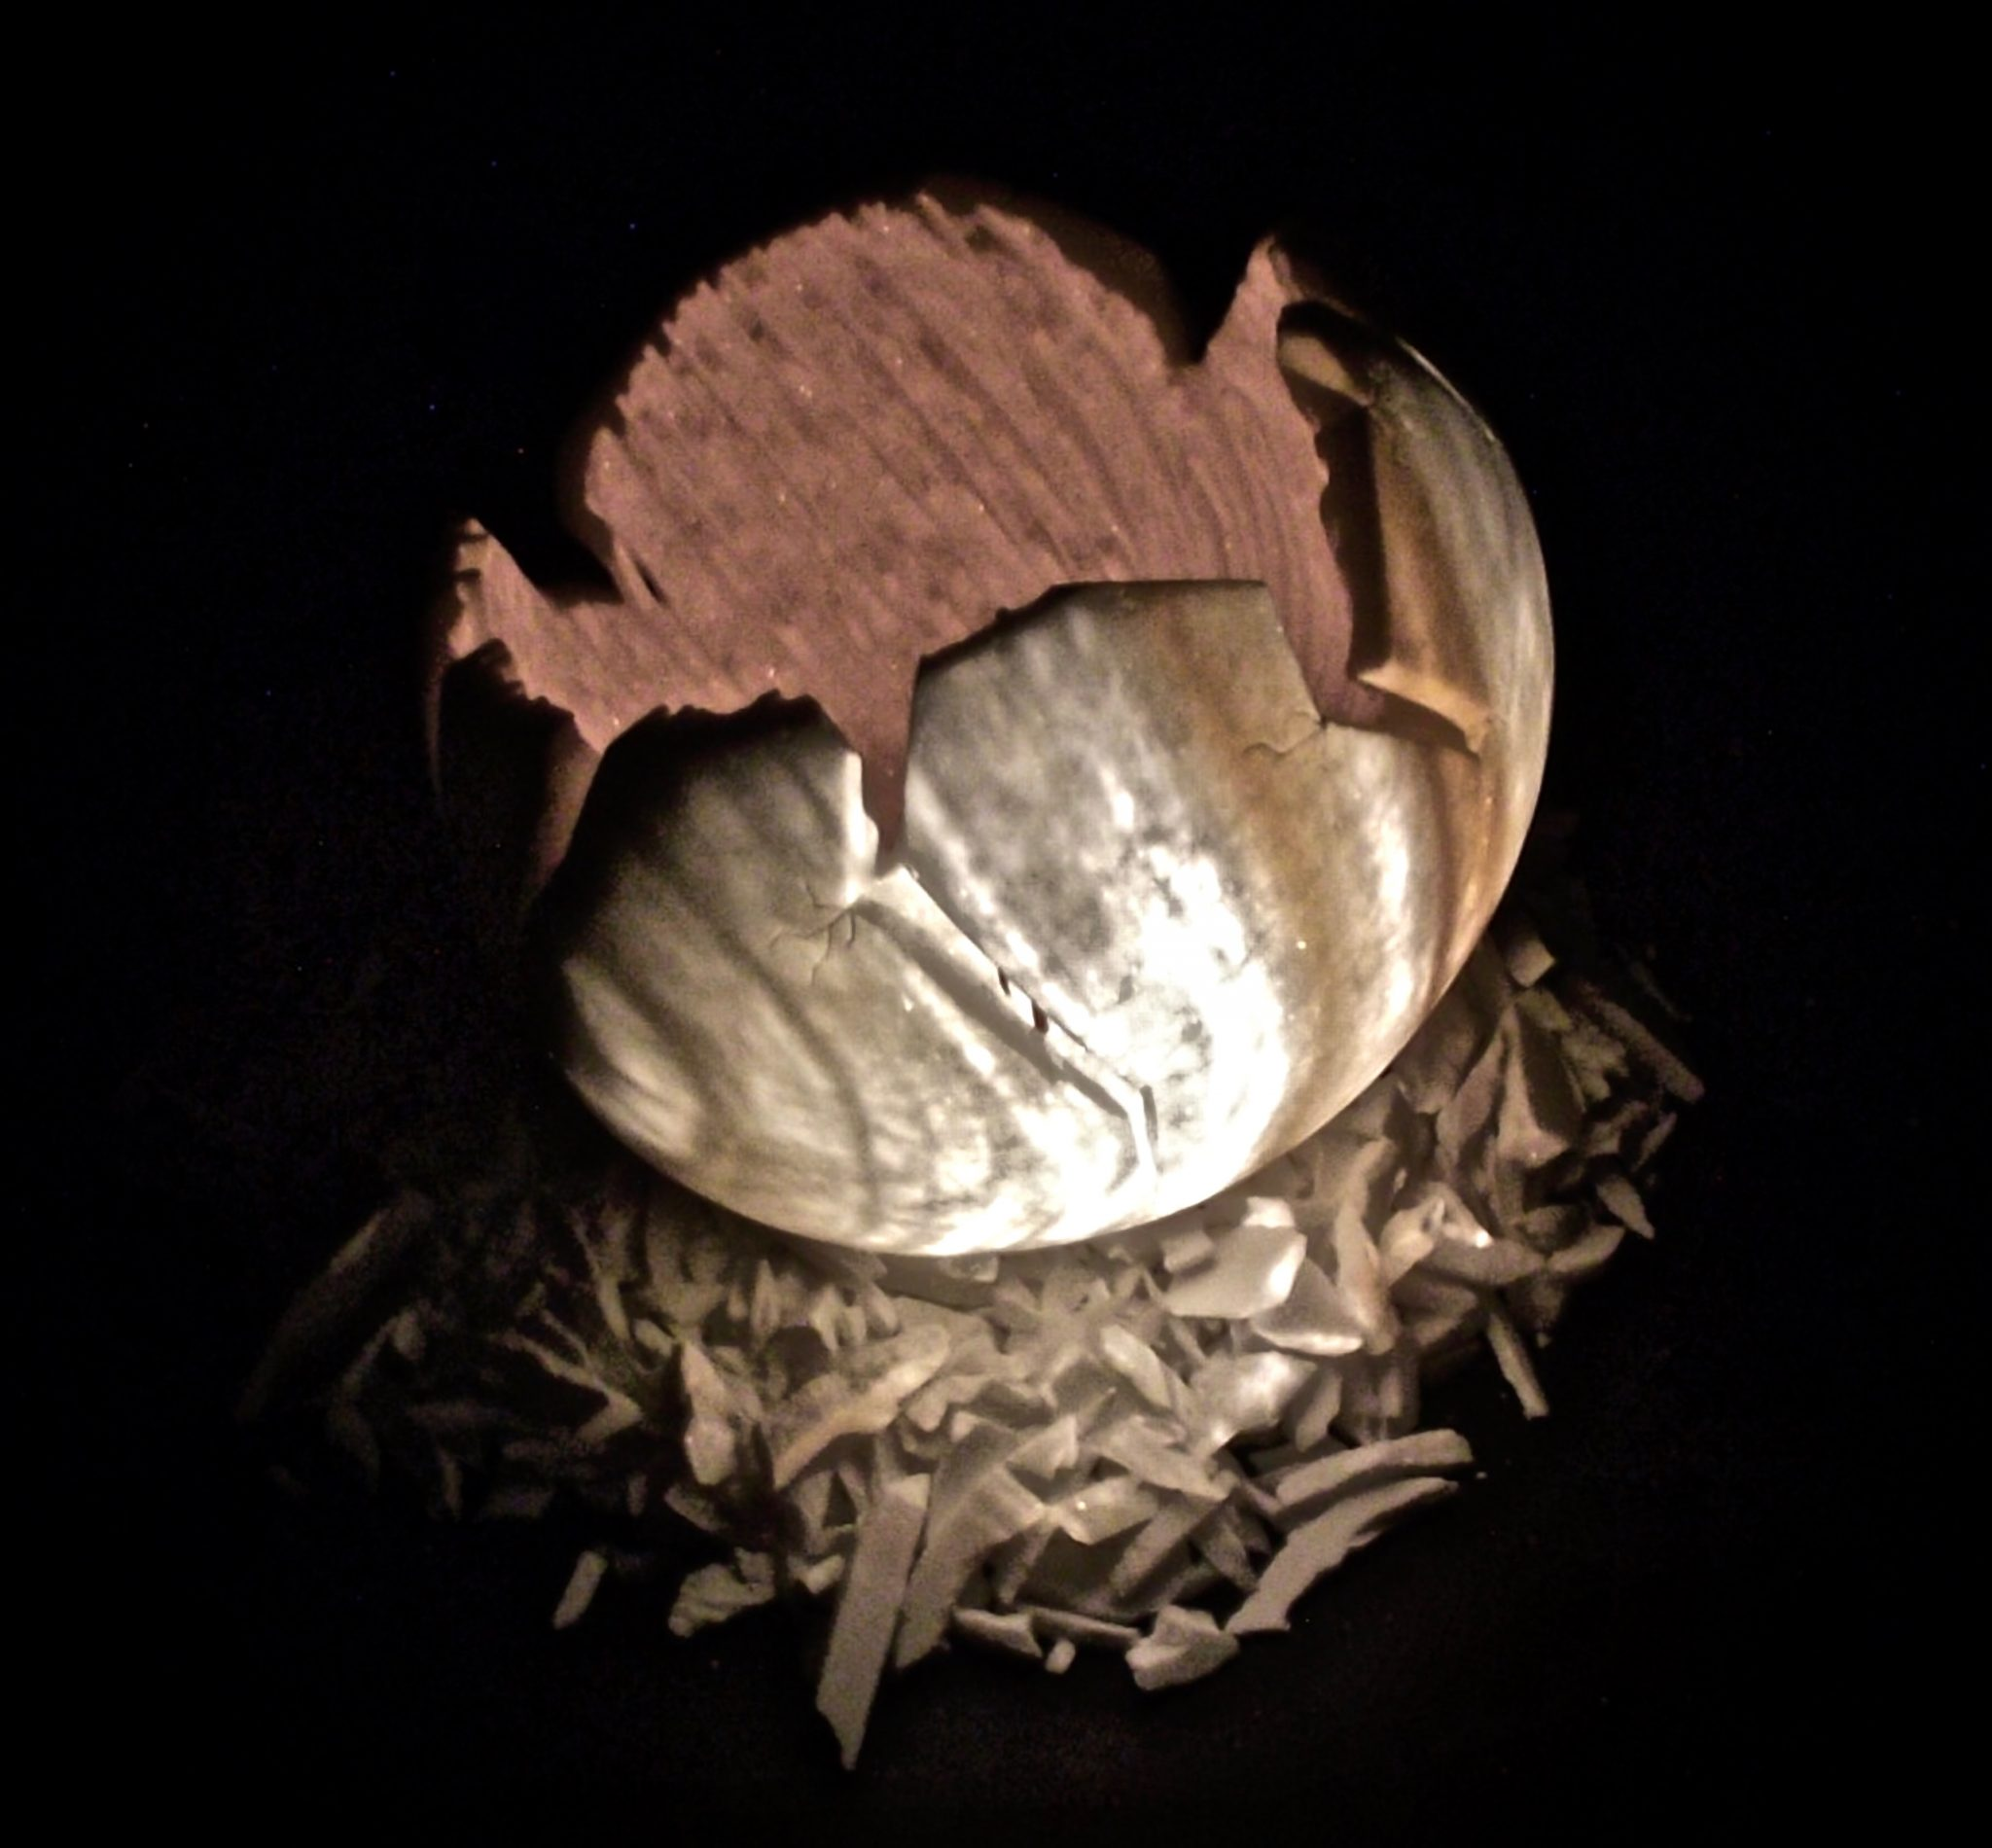 Biondo Nazareno, Perfezione Imperfetta con diapositiva realizzata in alabastro proiettata sulla sua superficie, 33x33x33cm, 2013, private collection